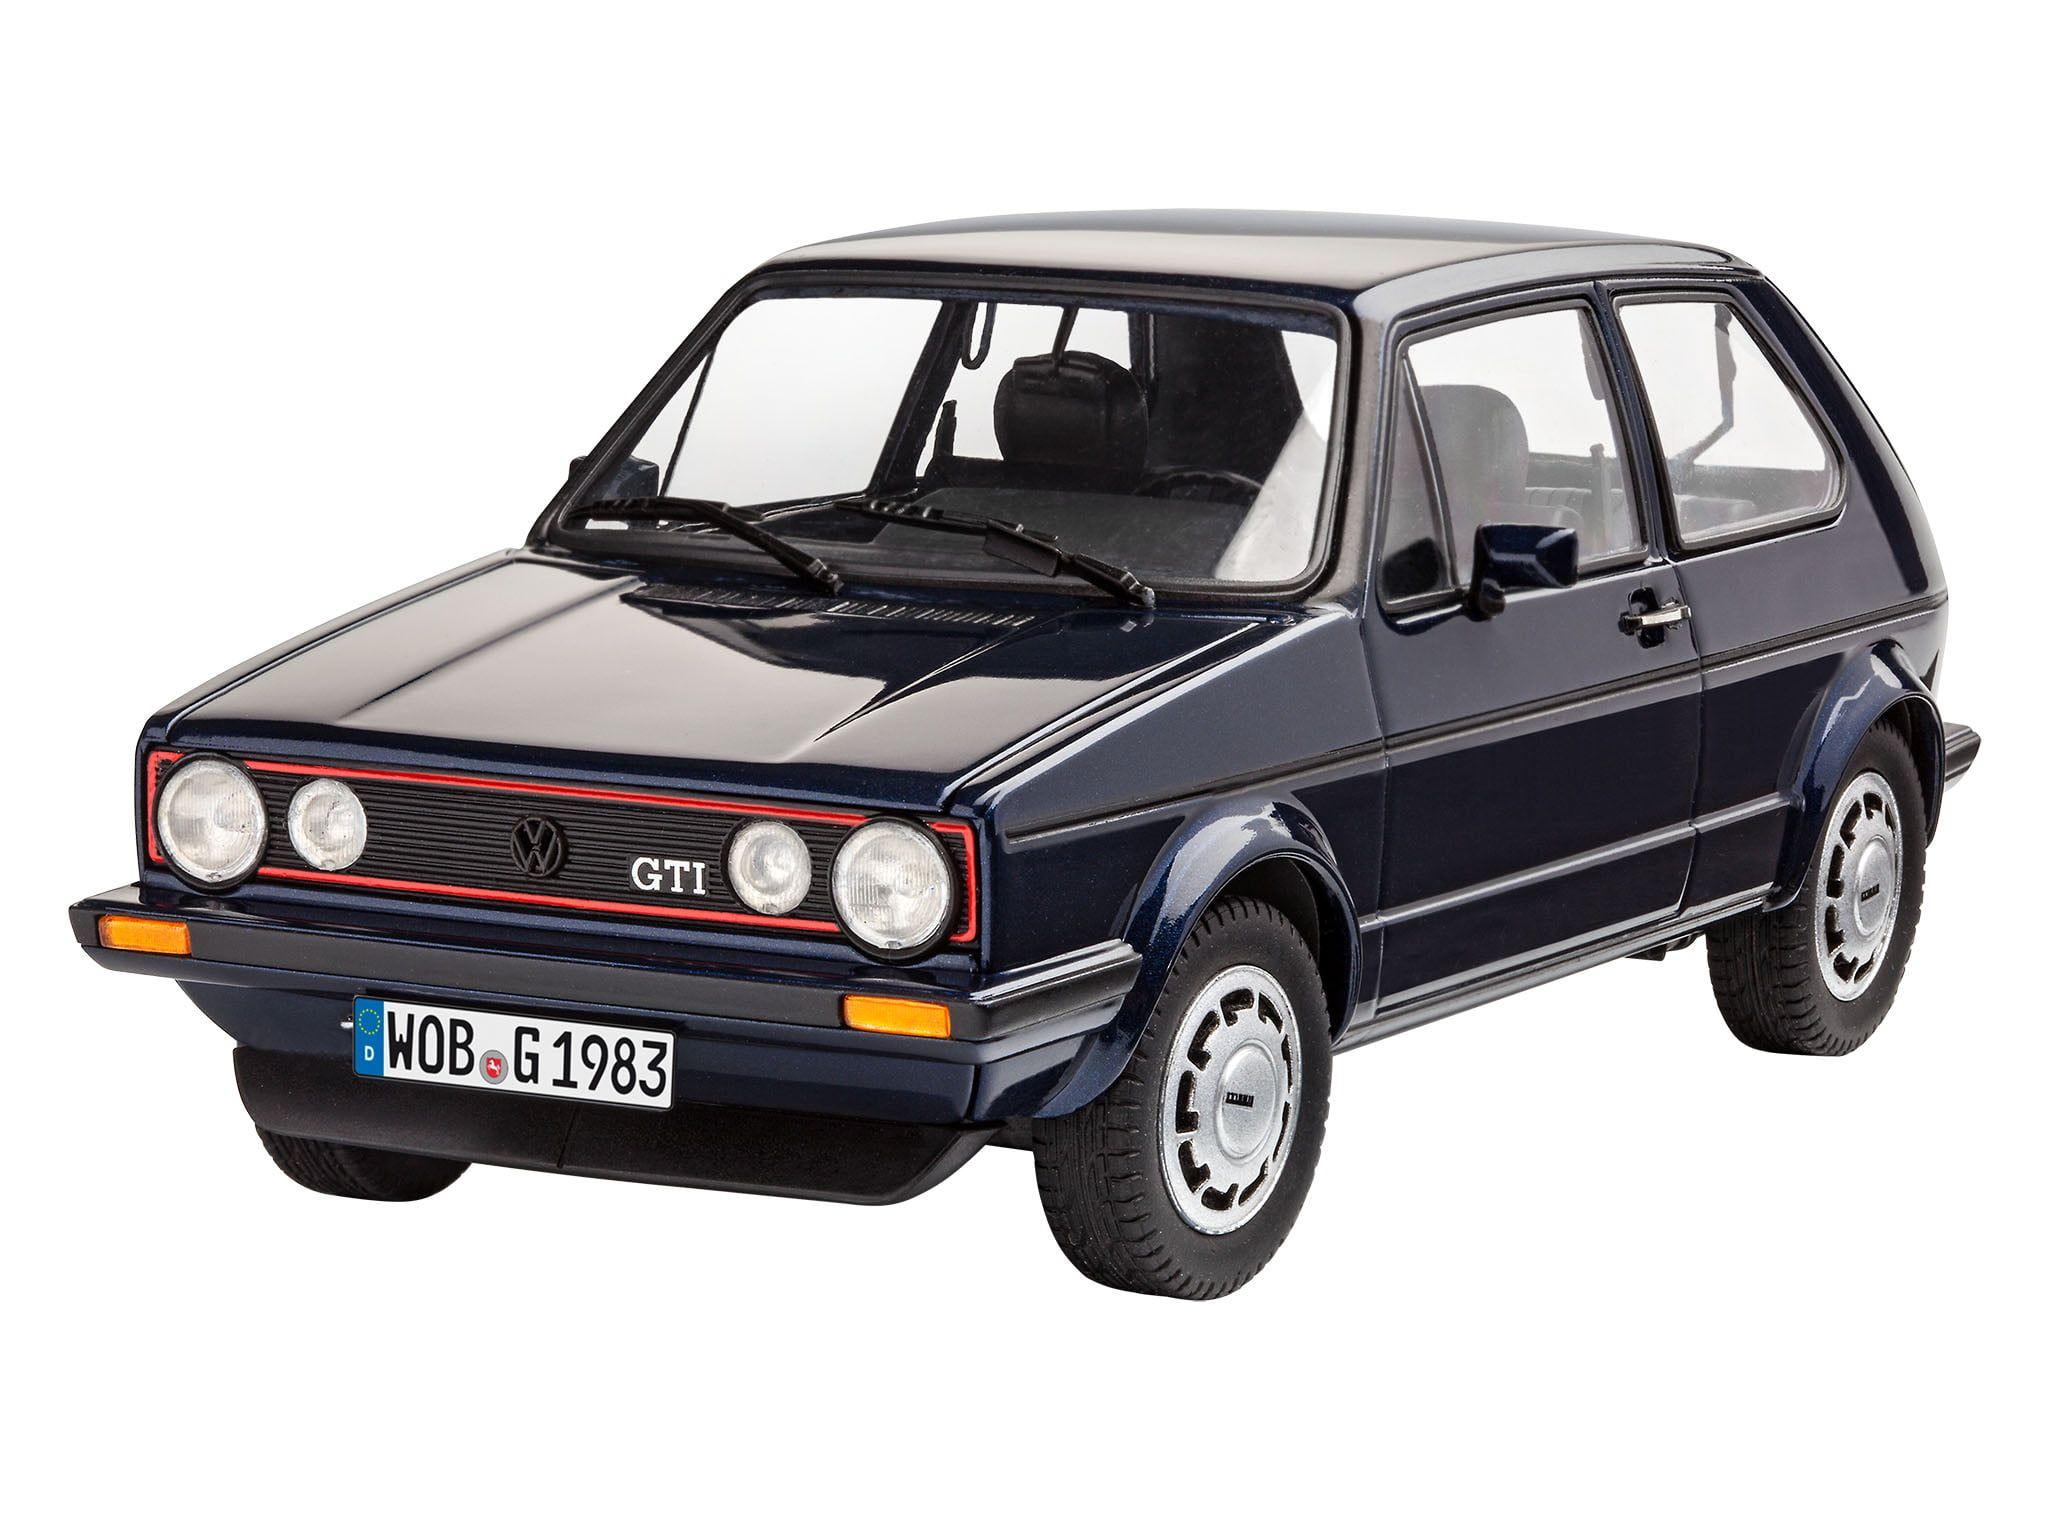 Revell Volkswagen Golf GTI Pirelli Kit